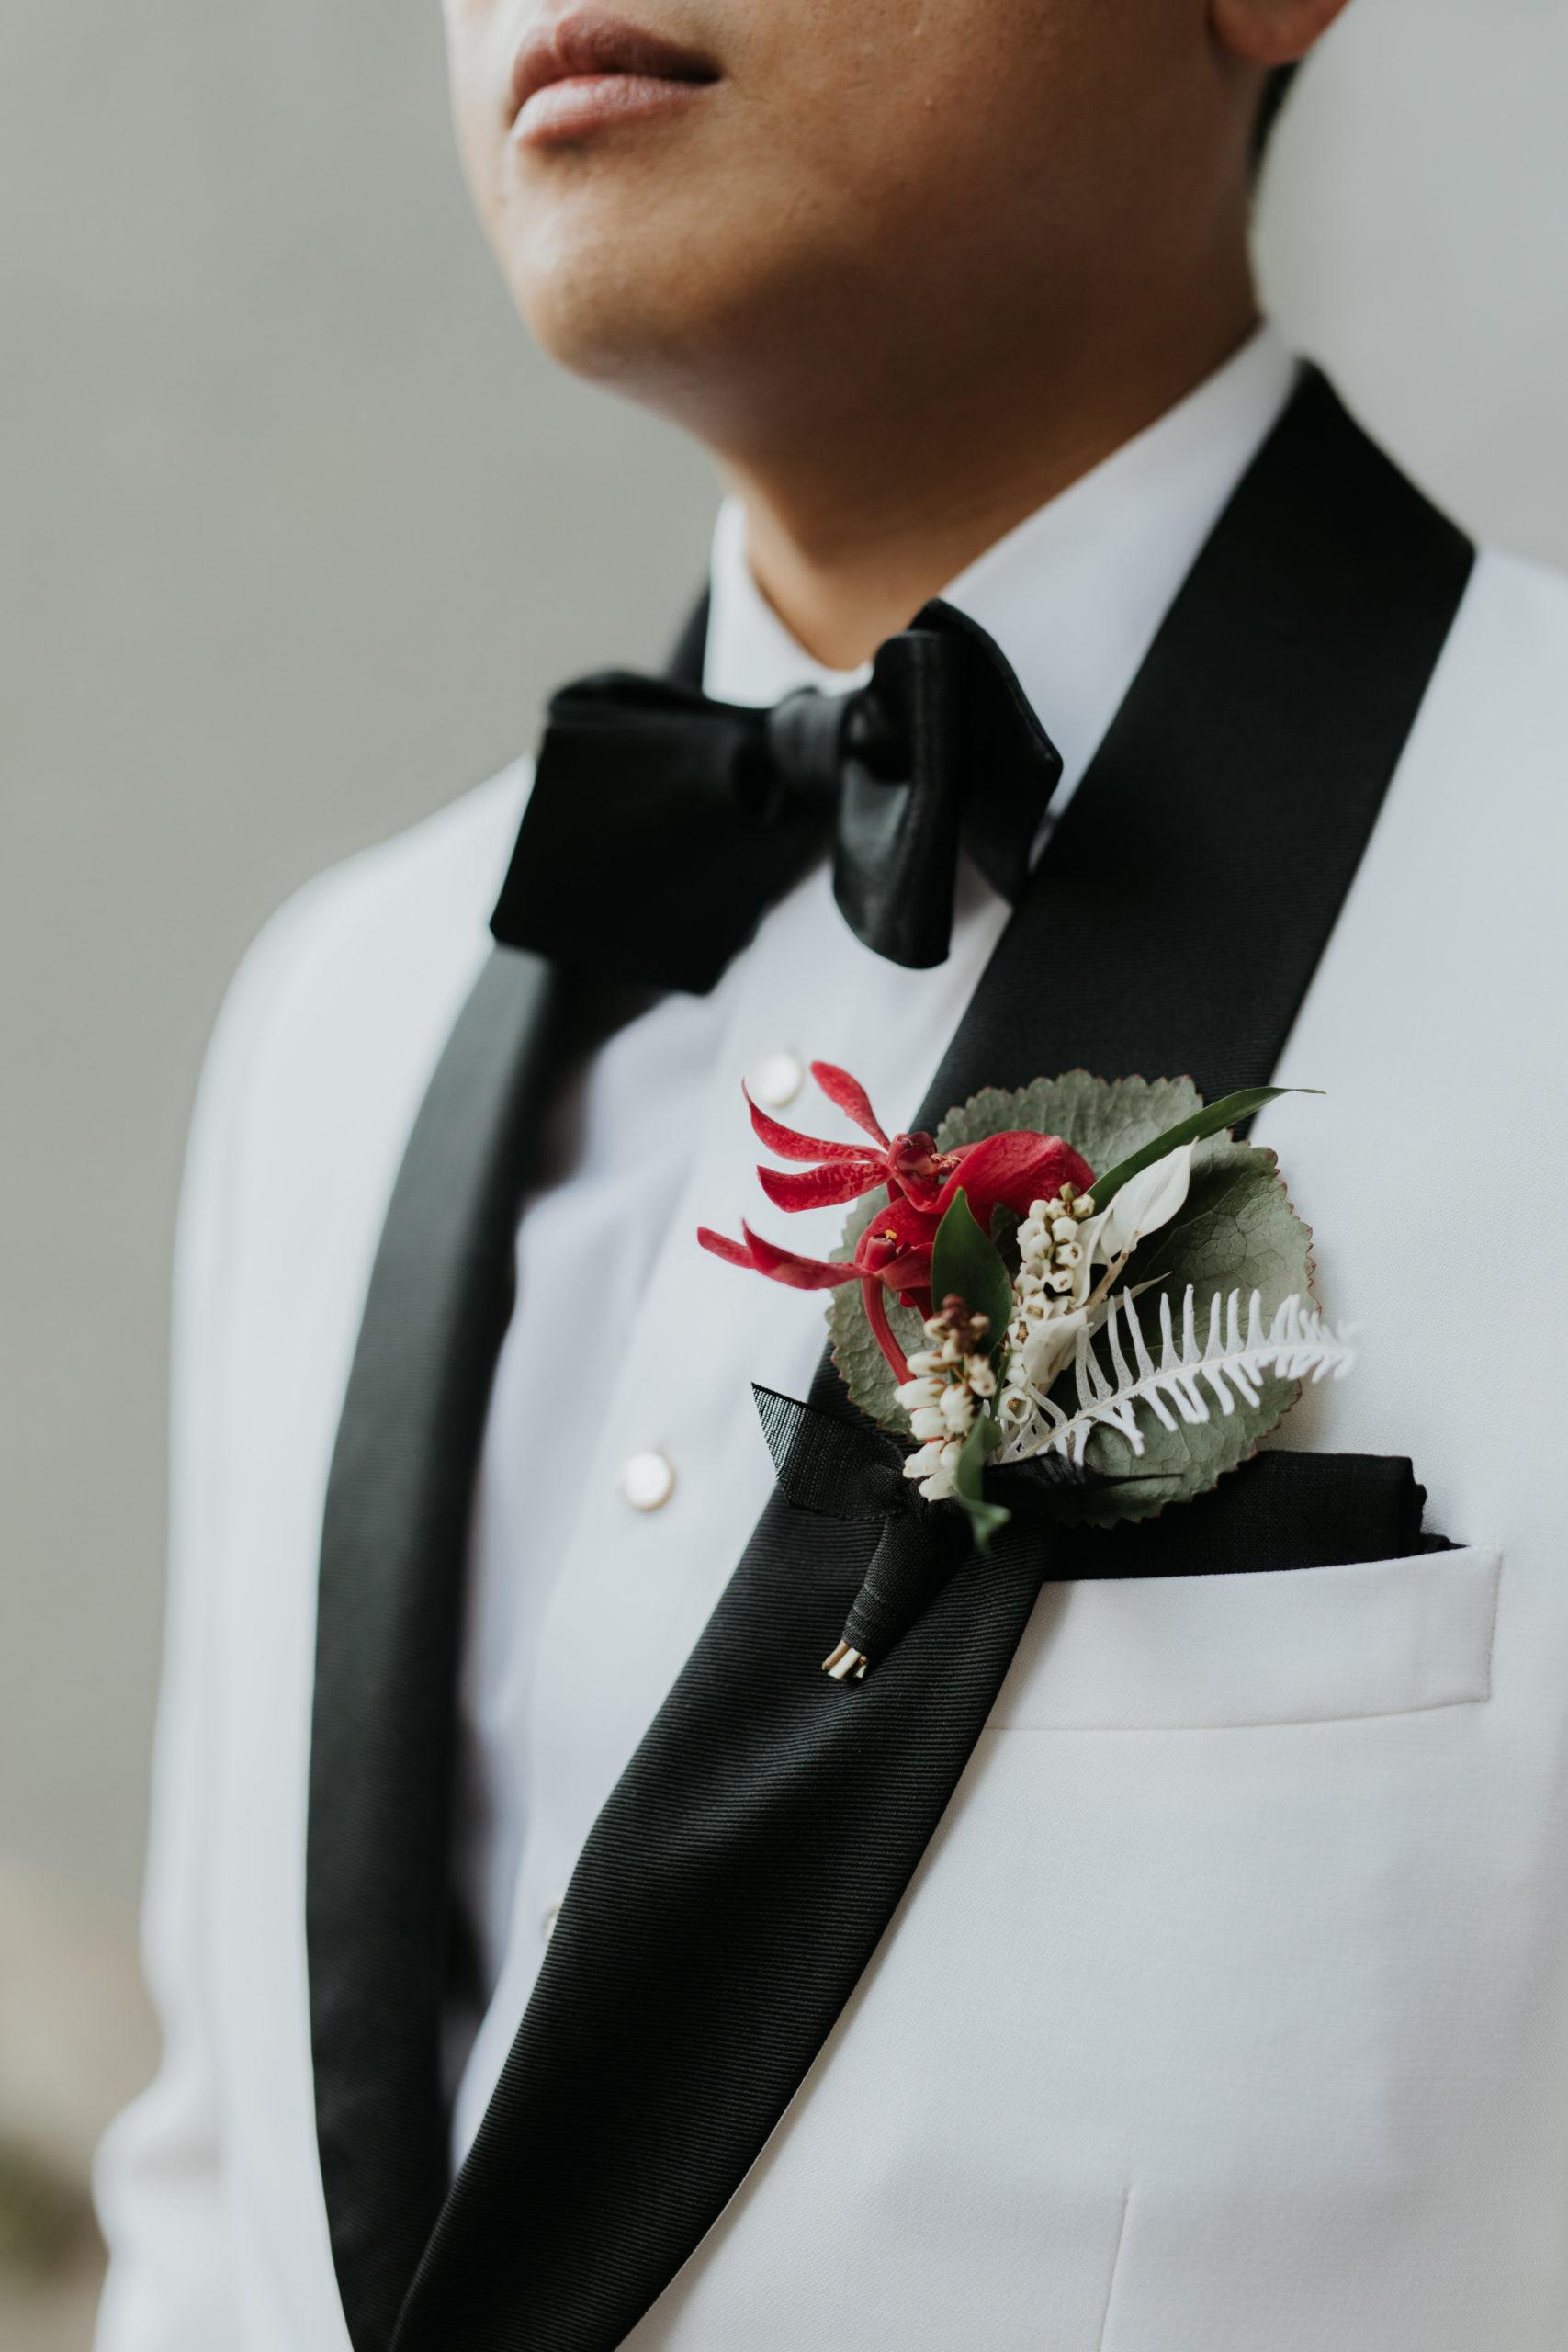 Stylish Tropical-Inspired Wedding in Brooklyn 4